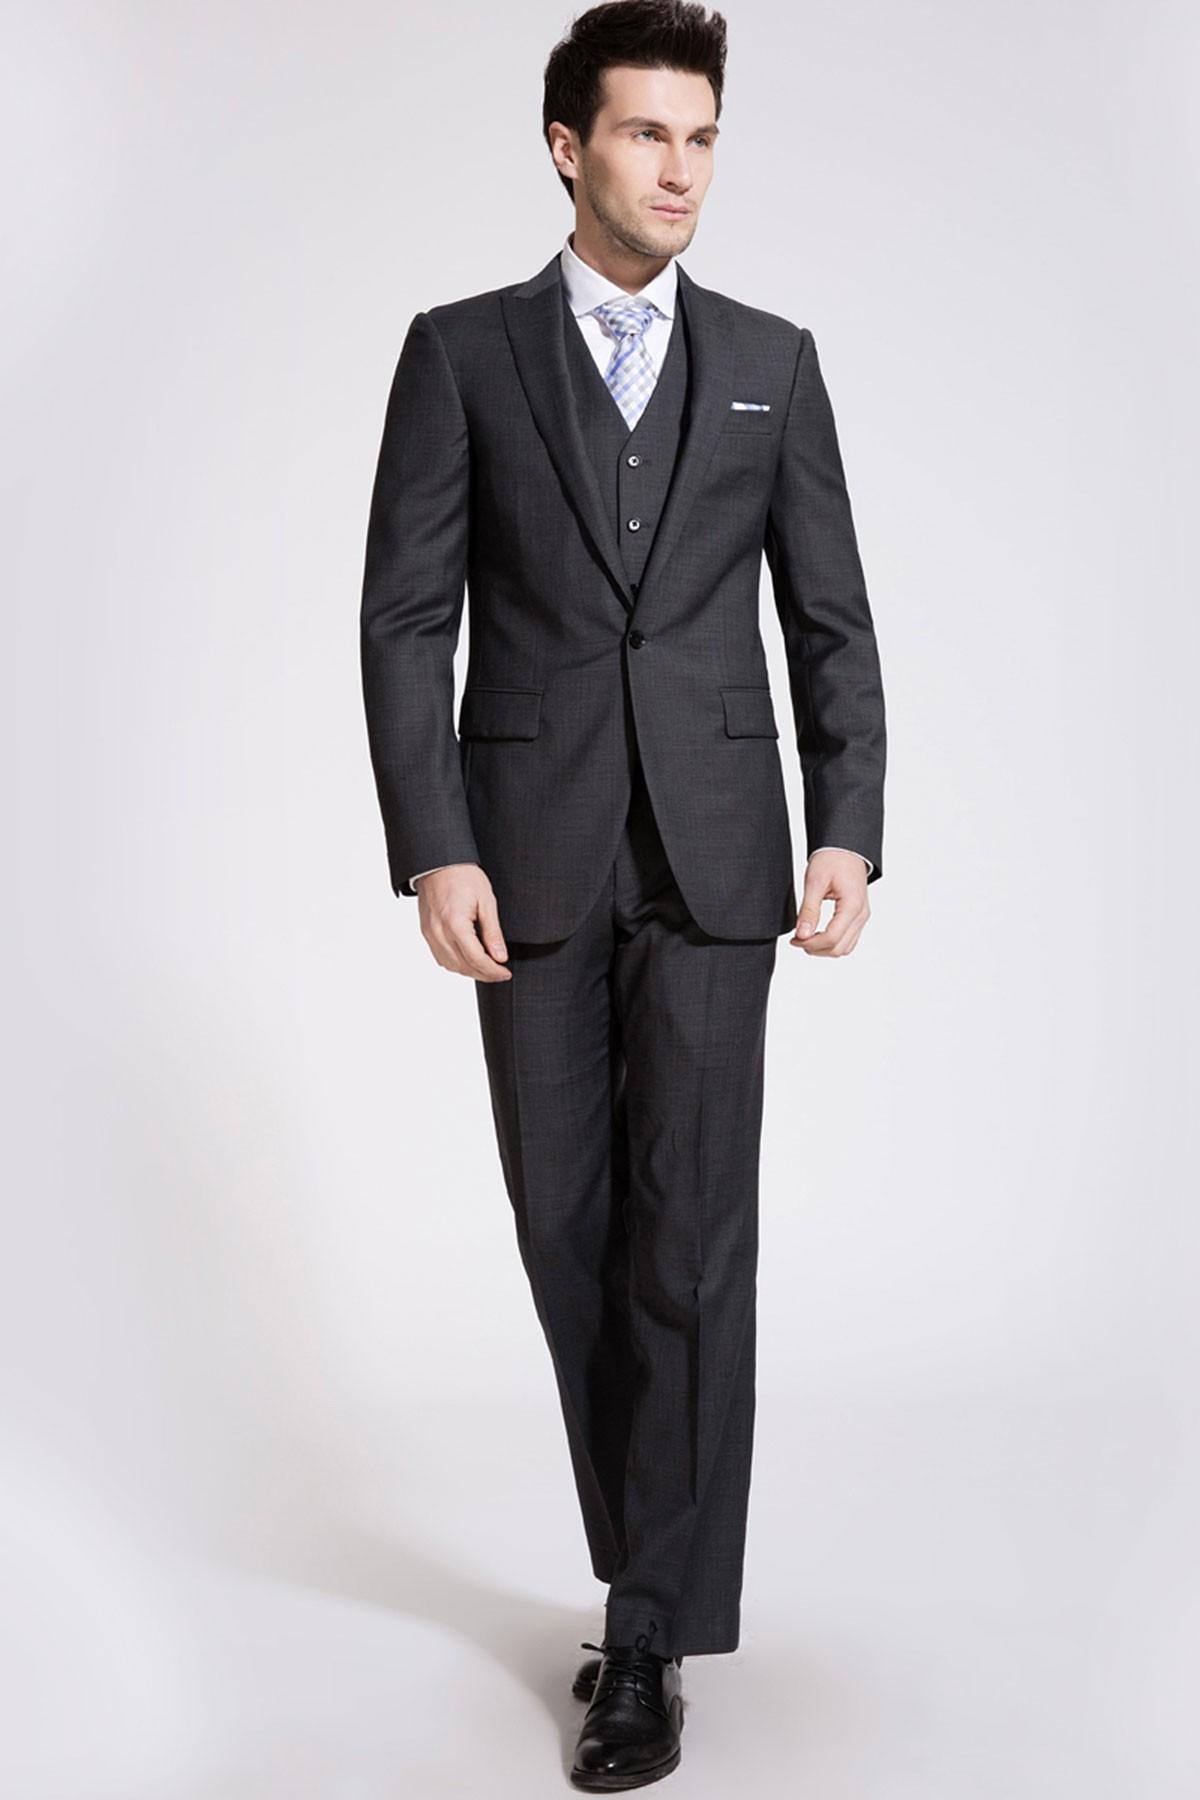 Deep Flint Gray Two-Piece Suit ID-196